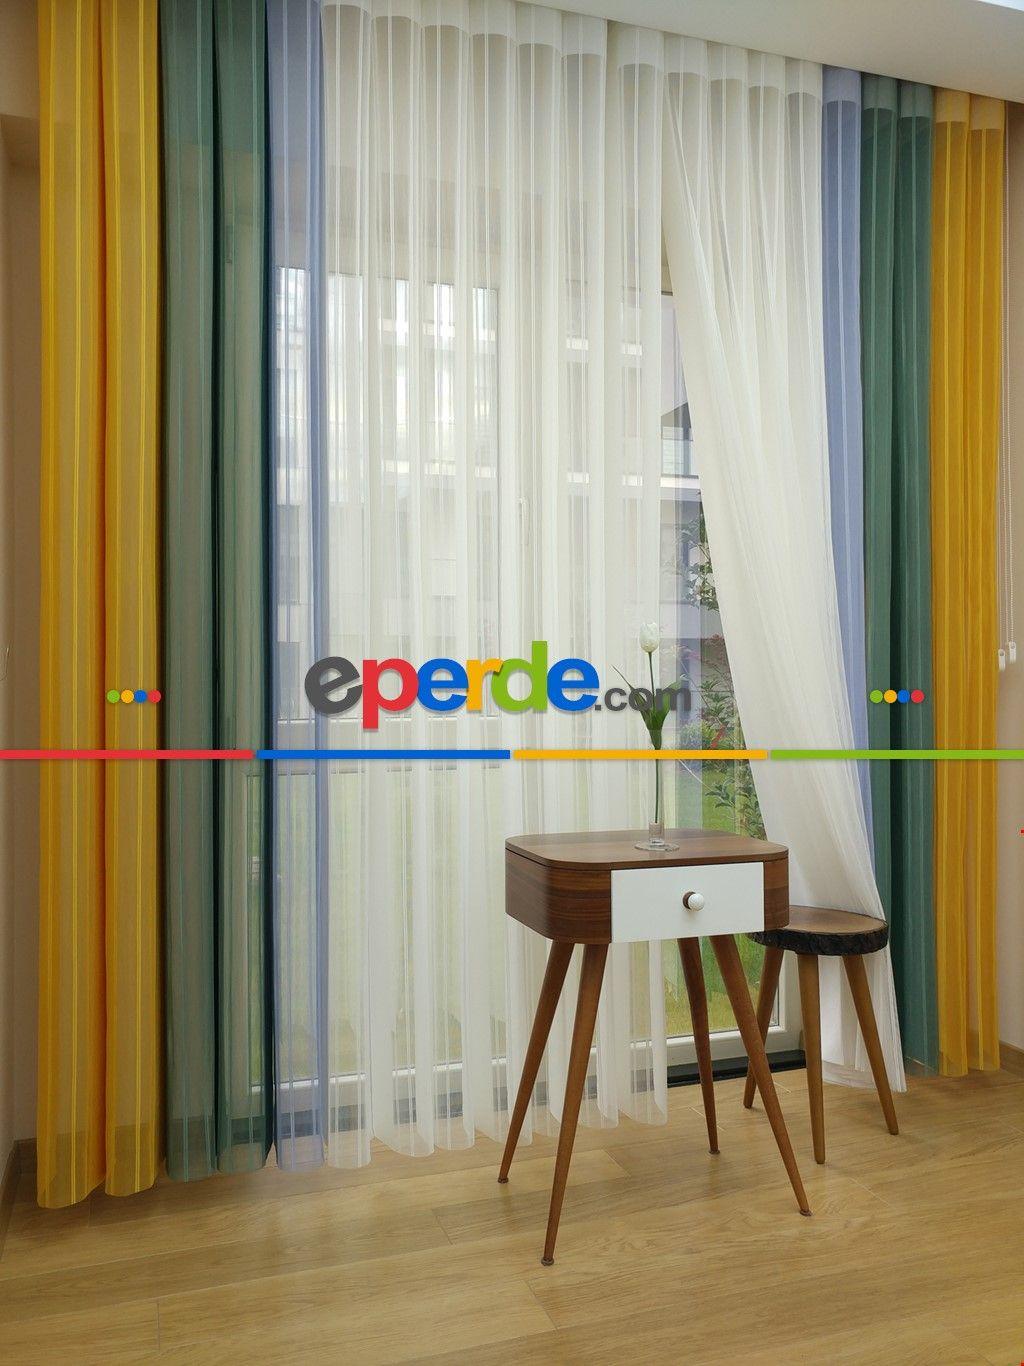 Zebra window coverings  Çizgili tül dikey zebra perde  hardal sarı mint yeşili mavi açık